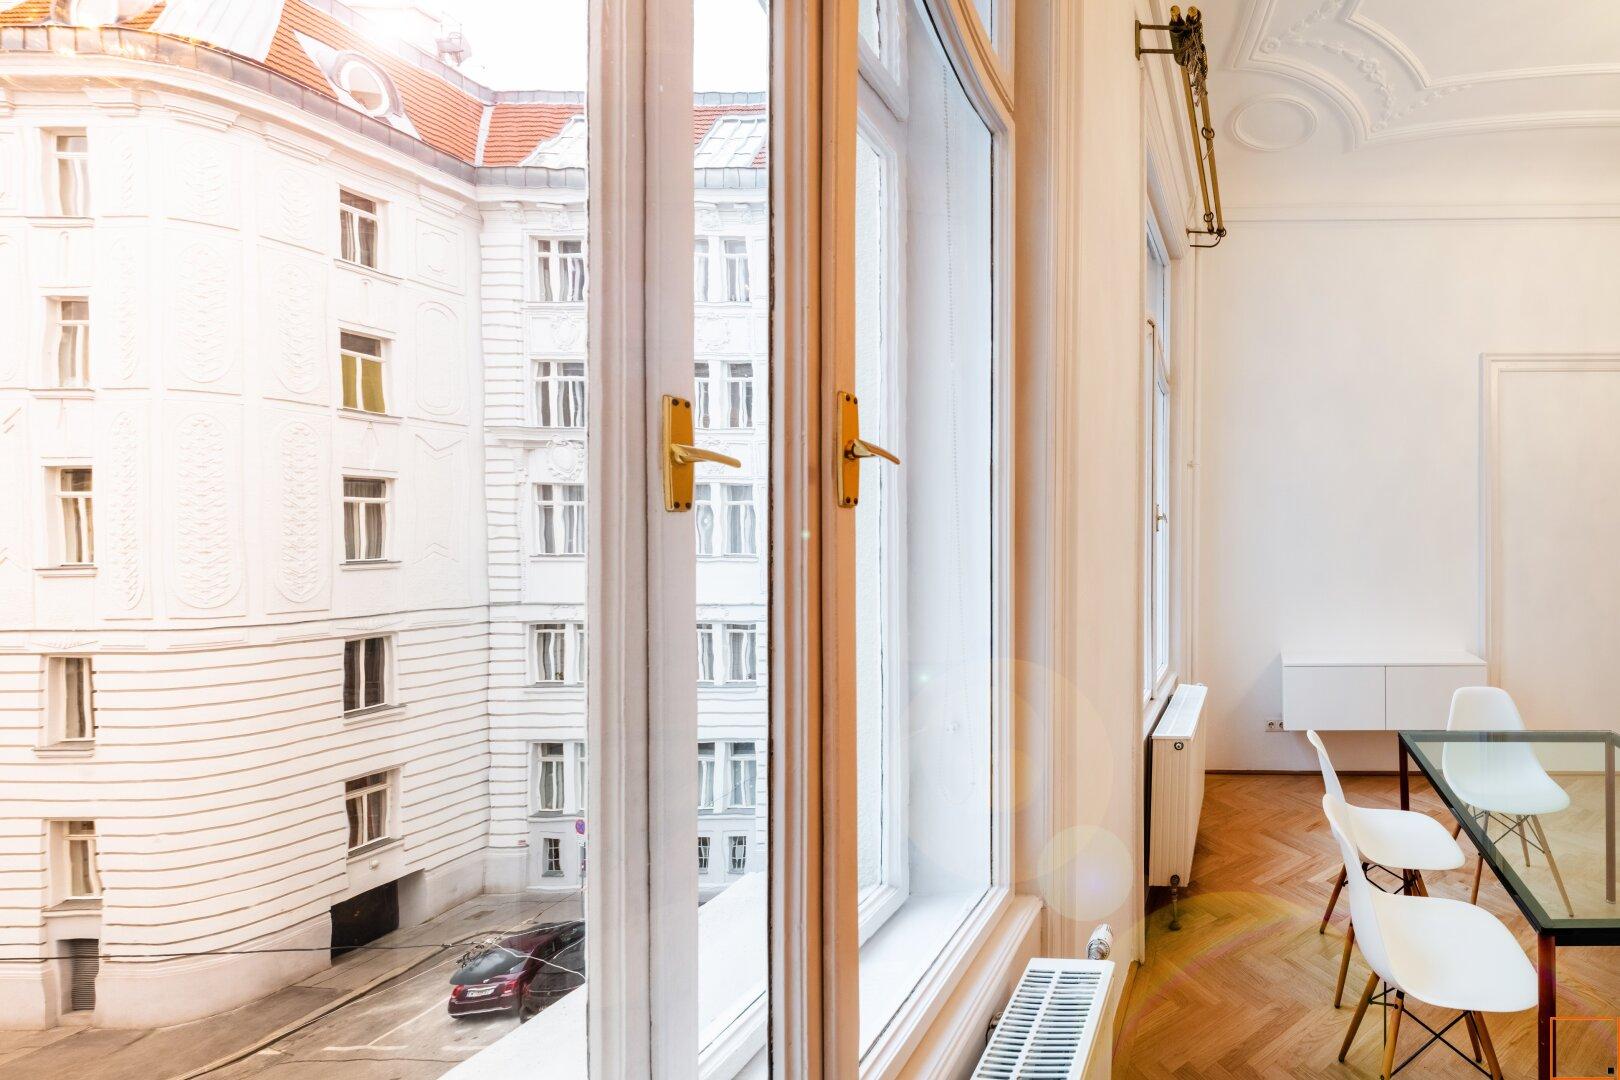 Wohnzimmer mit Blick auf Nachbarhaus